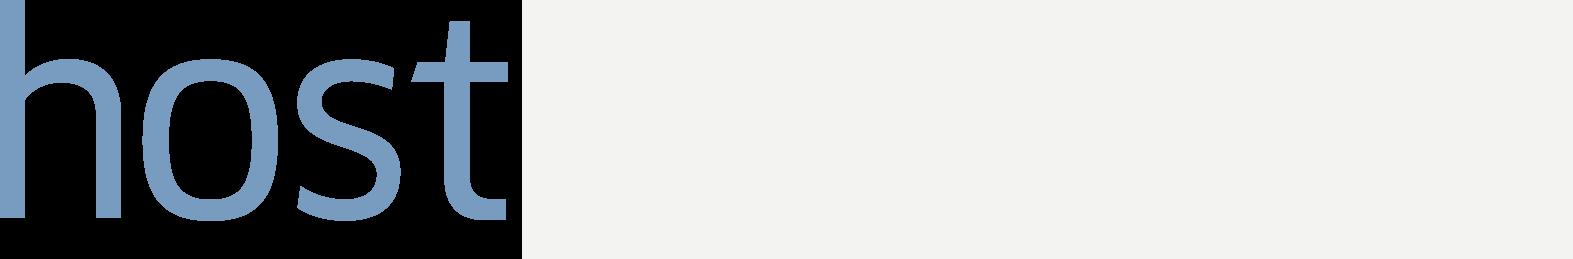 Host Analytics Logo